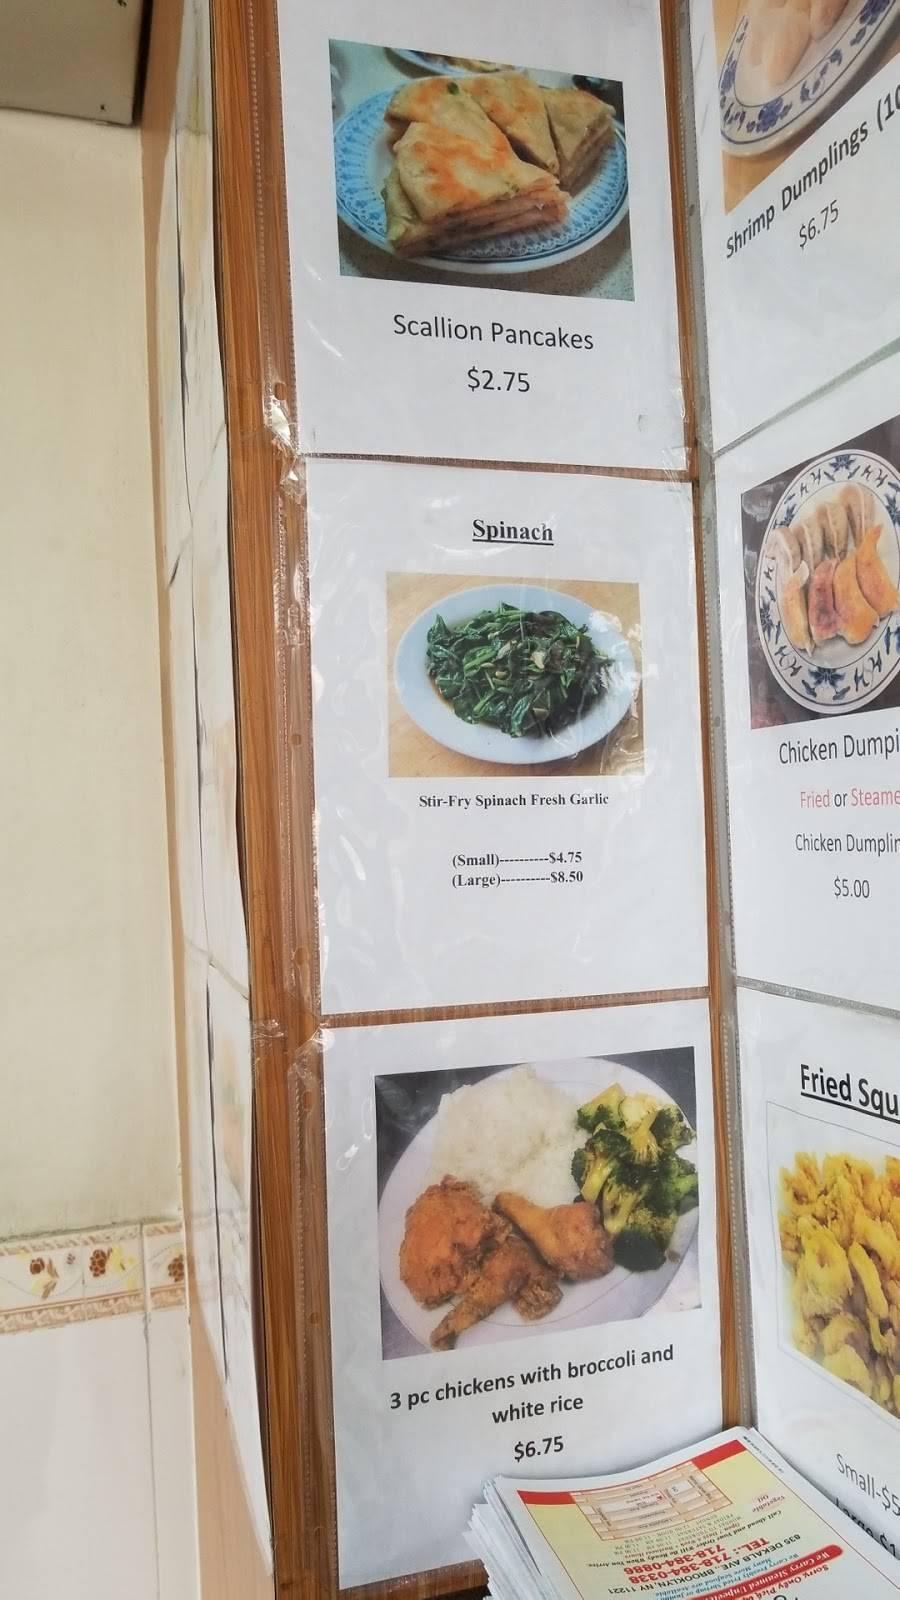 New Hardee   restaurant   835 Dekalb Ave, Brooklyn, NY 11221, USA   7183840338 OR +1 718-384-0338